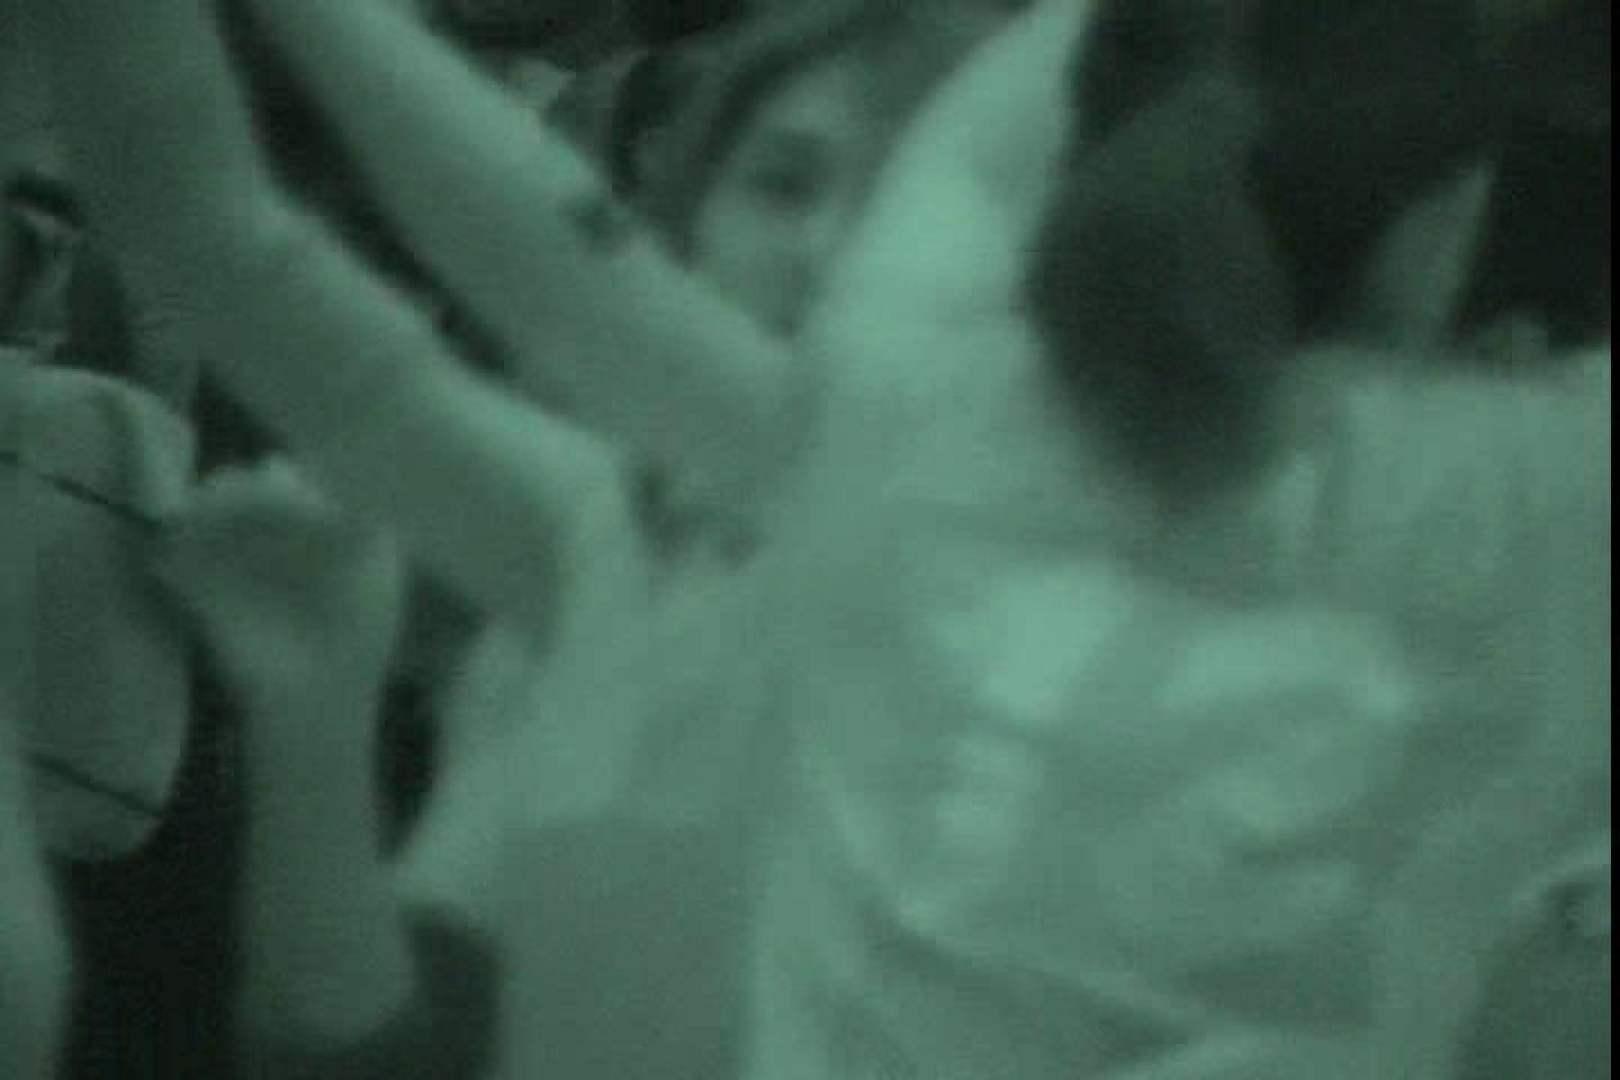 赤外線ムレスケバレー(汗) vol.07 綺麗なOLたち スケベ動画紹介 81枚 38